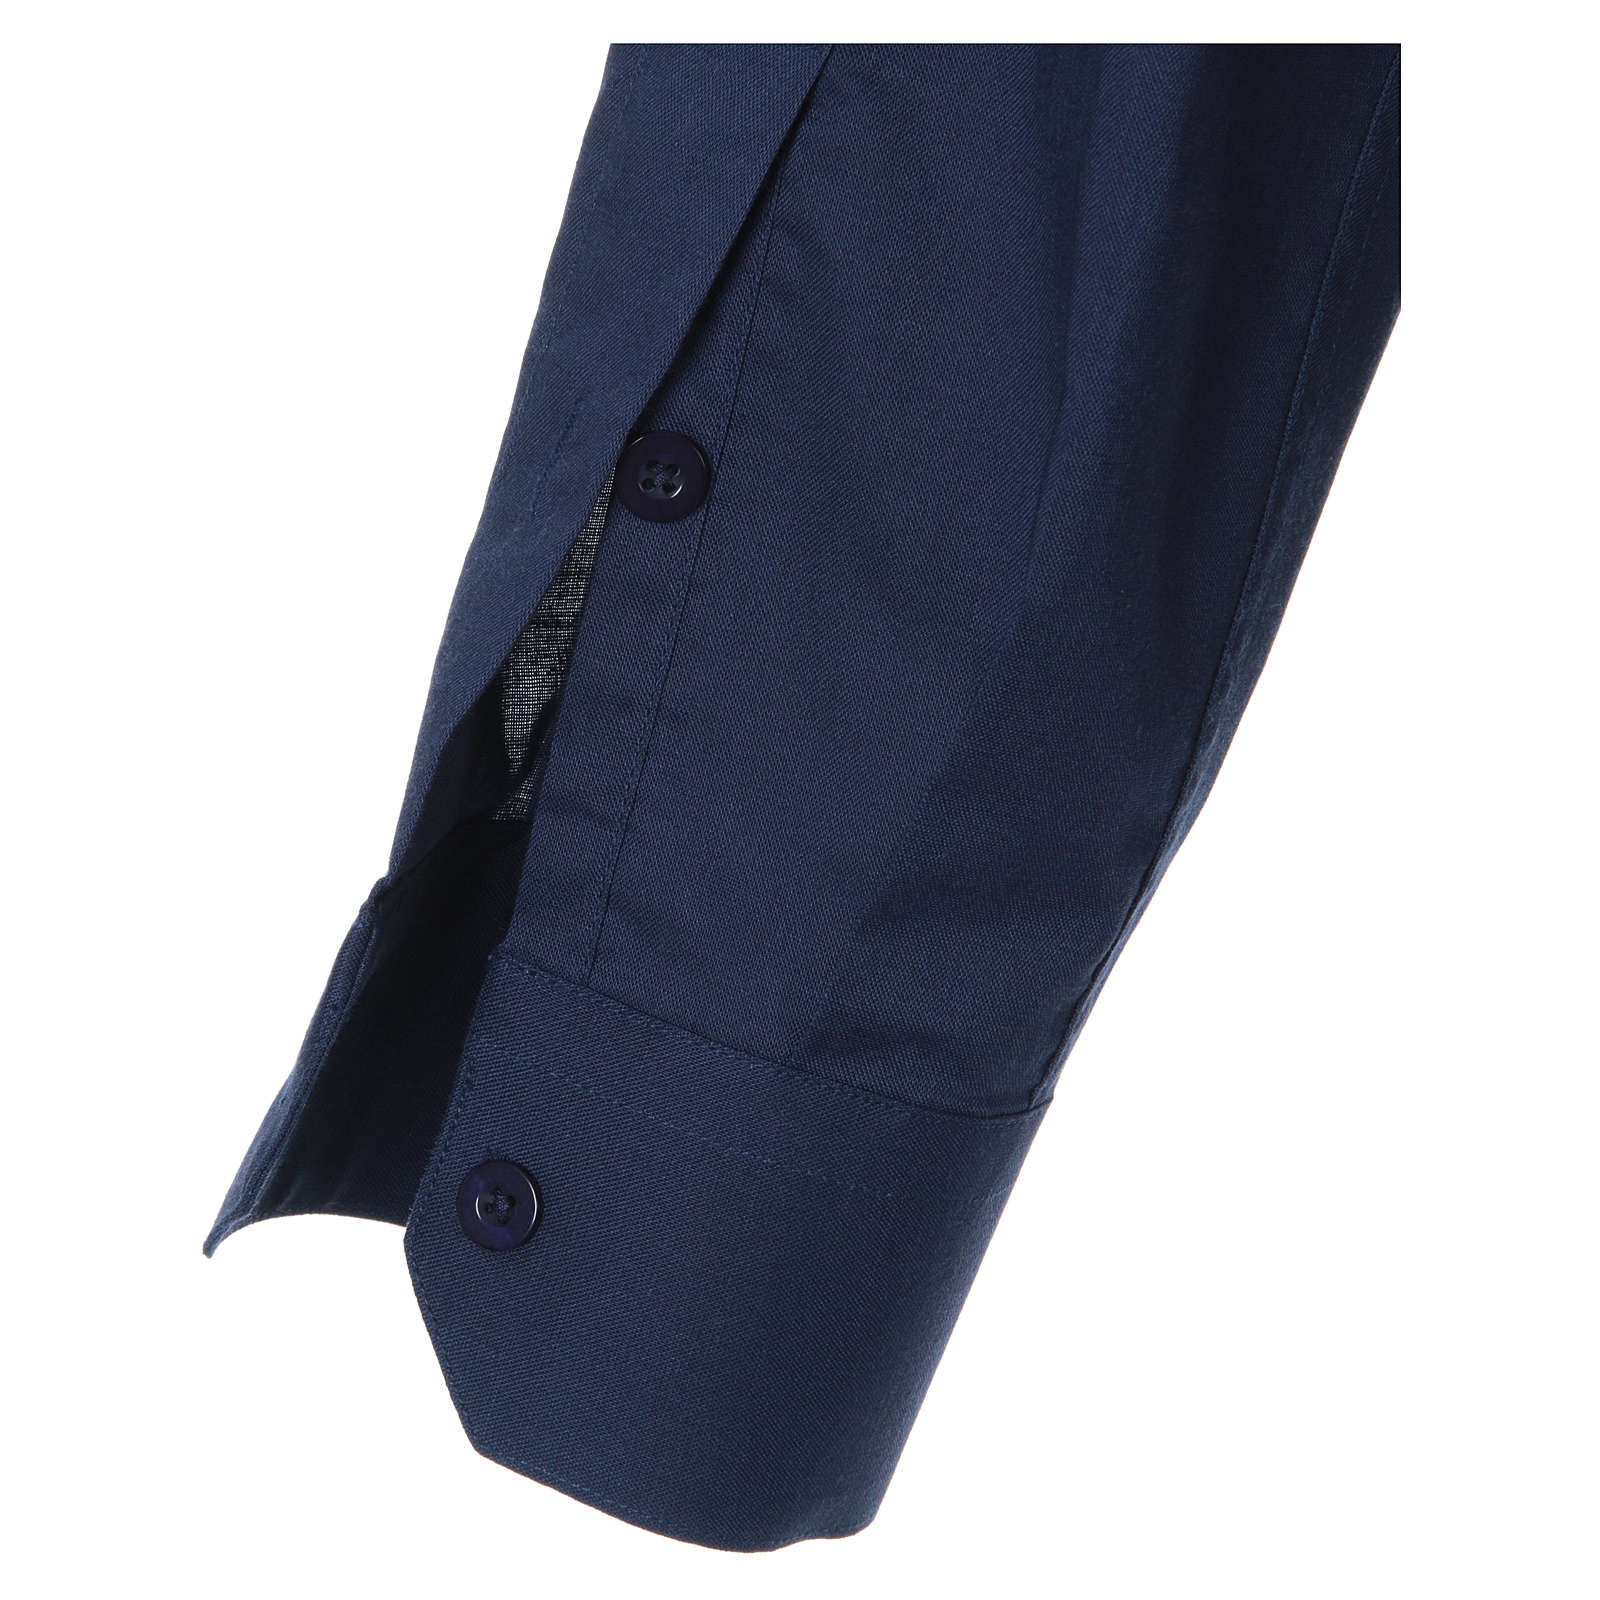 STOCK Camisa clergyman manga larga mixto azul 4